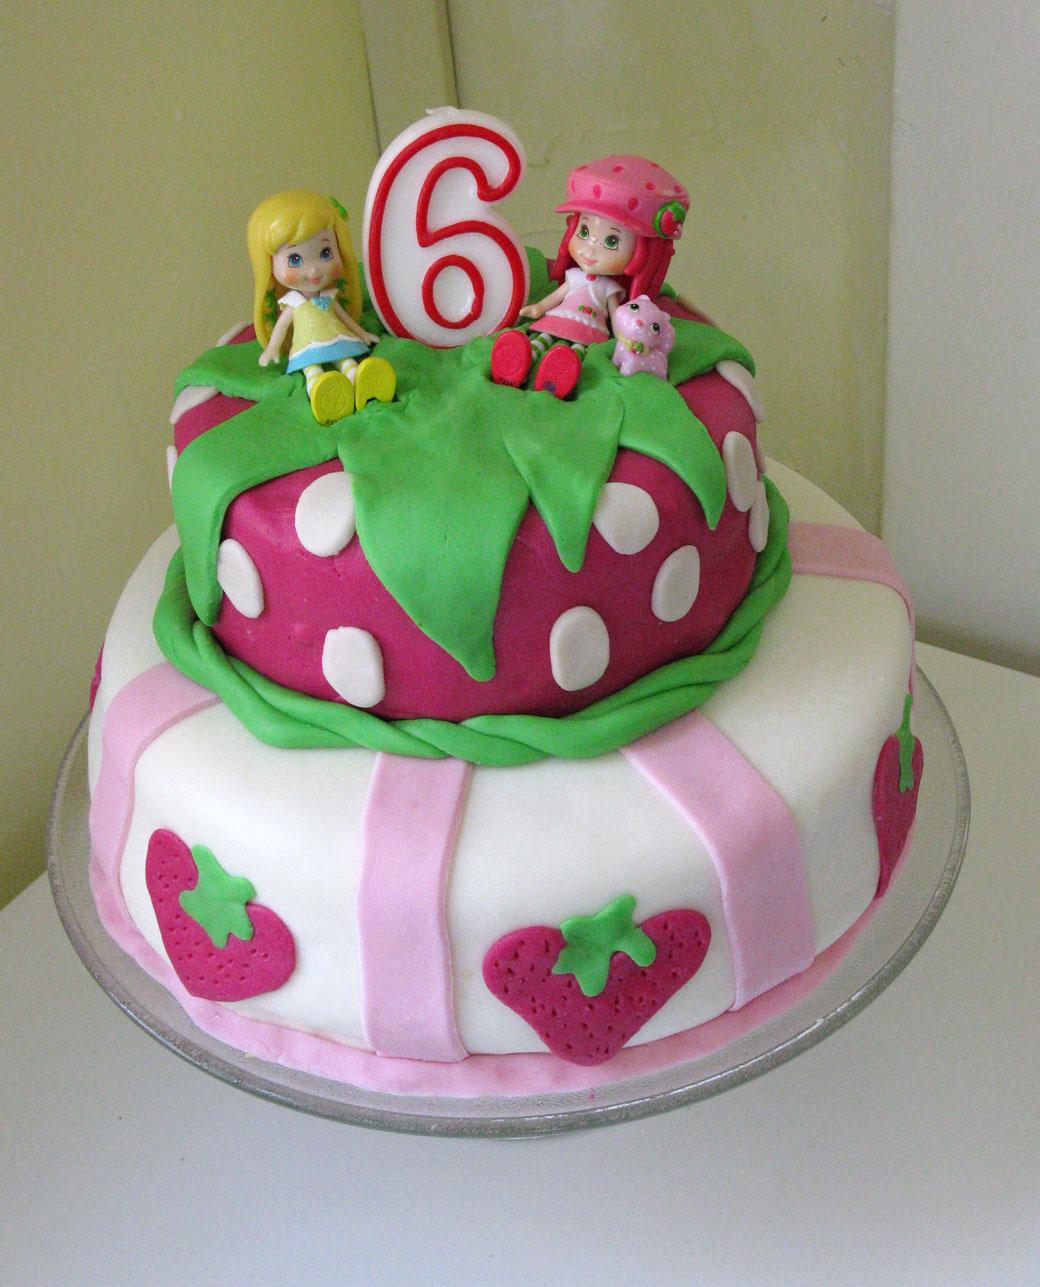 Strawberry Shortcake Fondant Birthday Cake